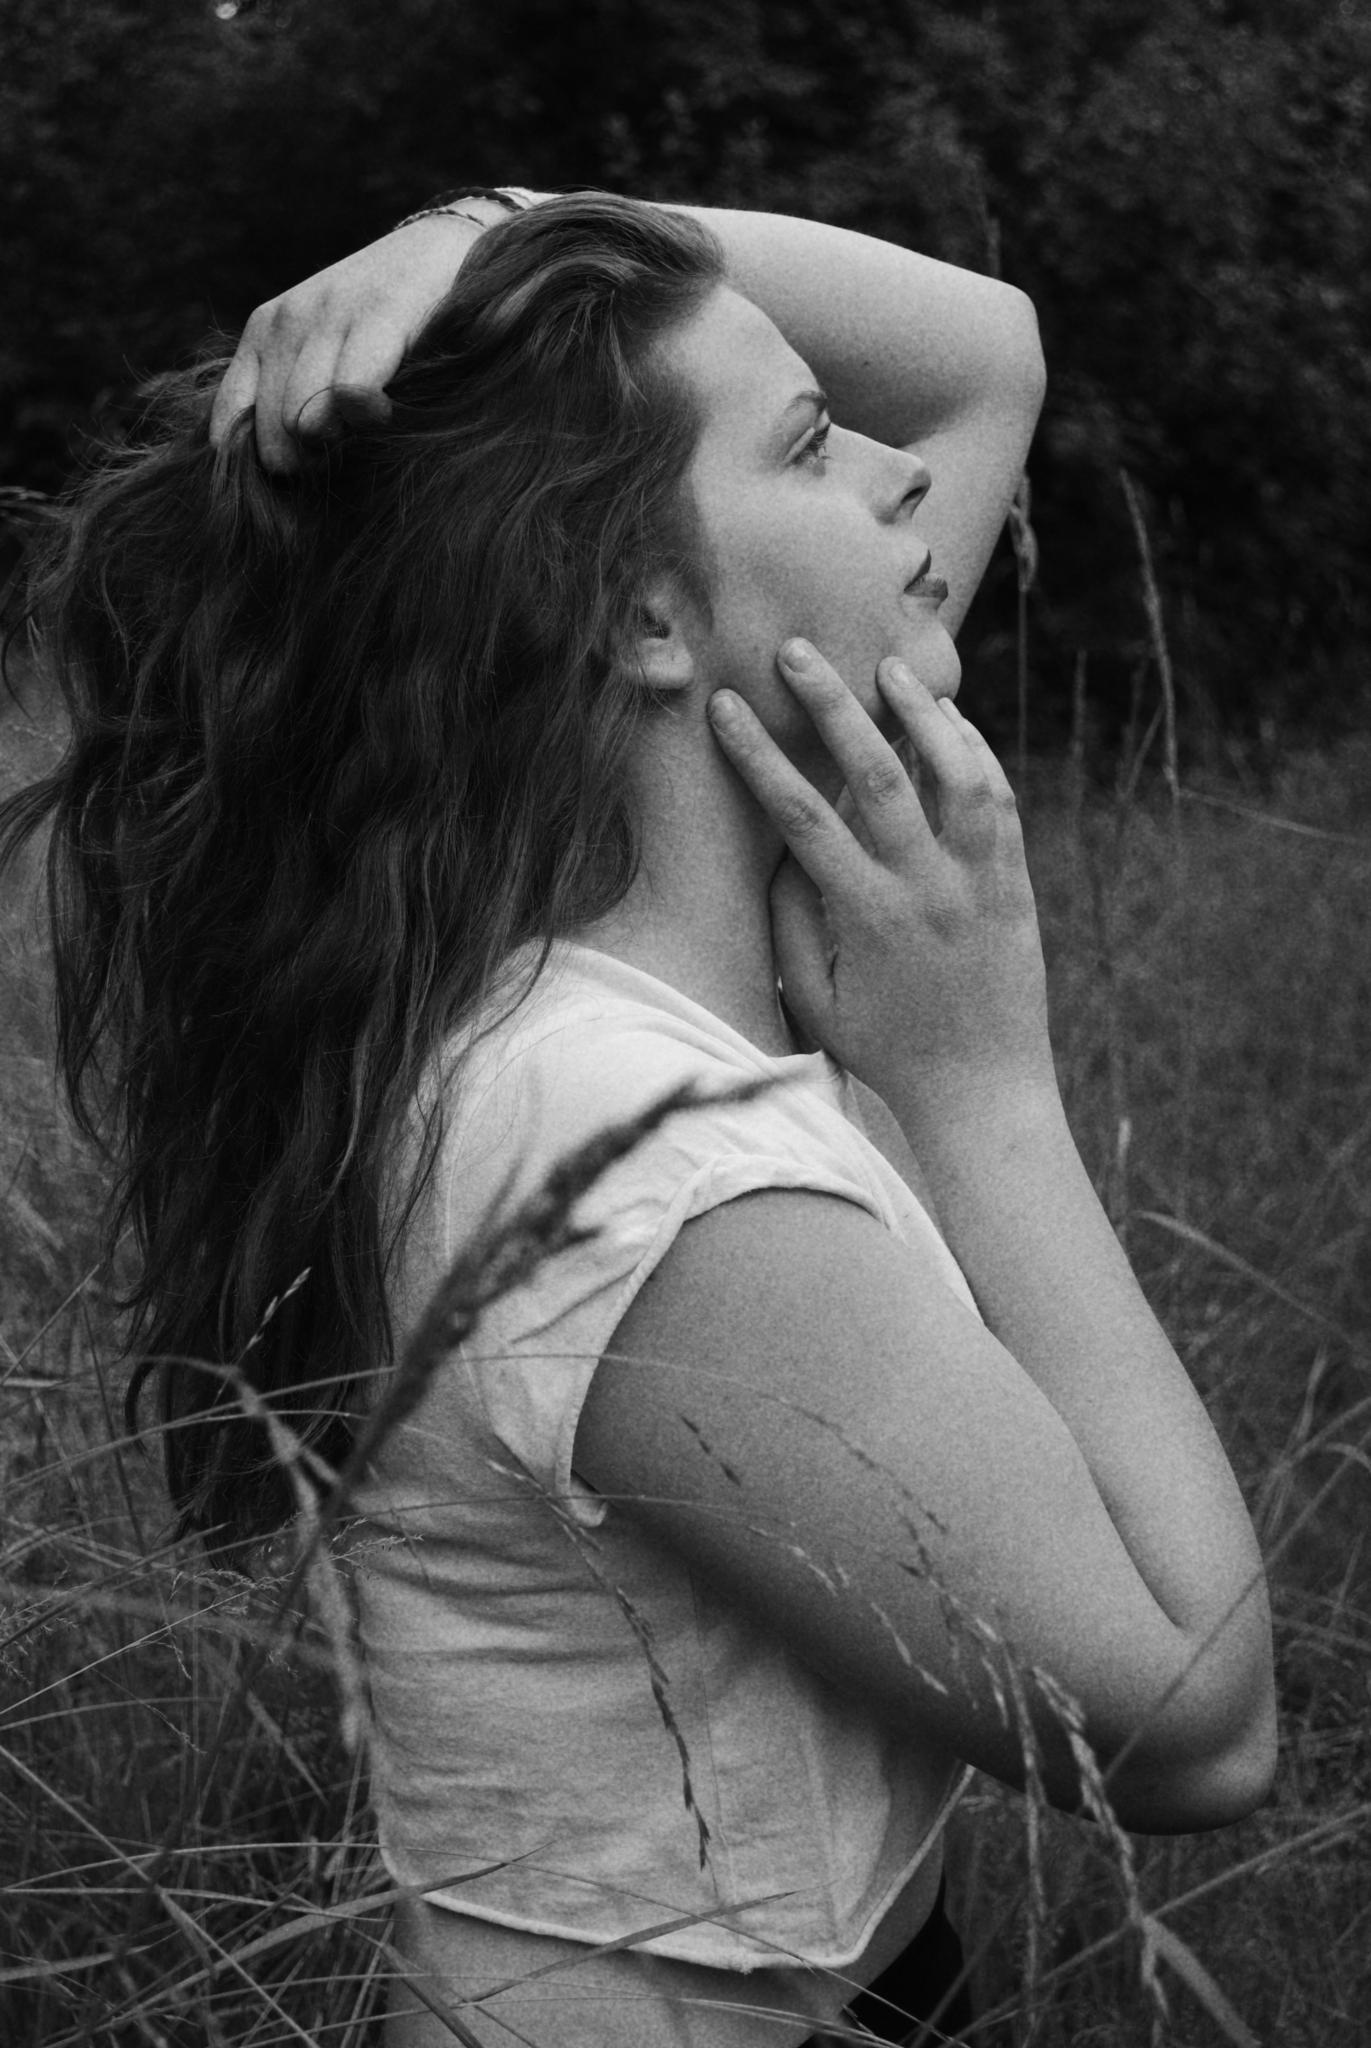 Untitled by kpleskova4